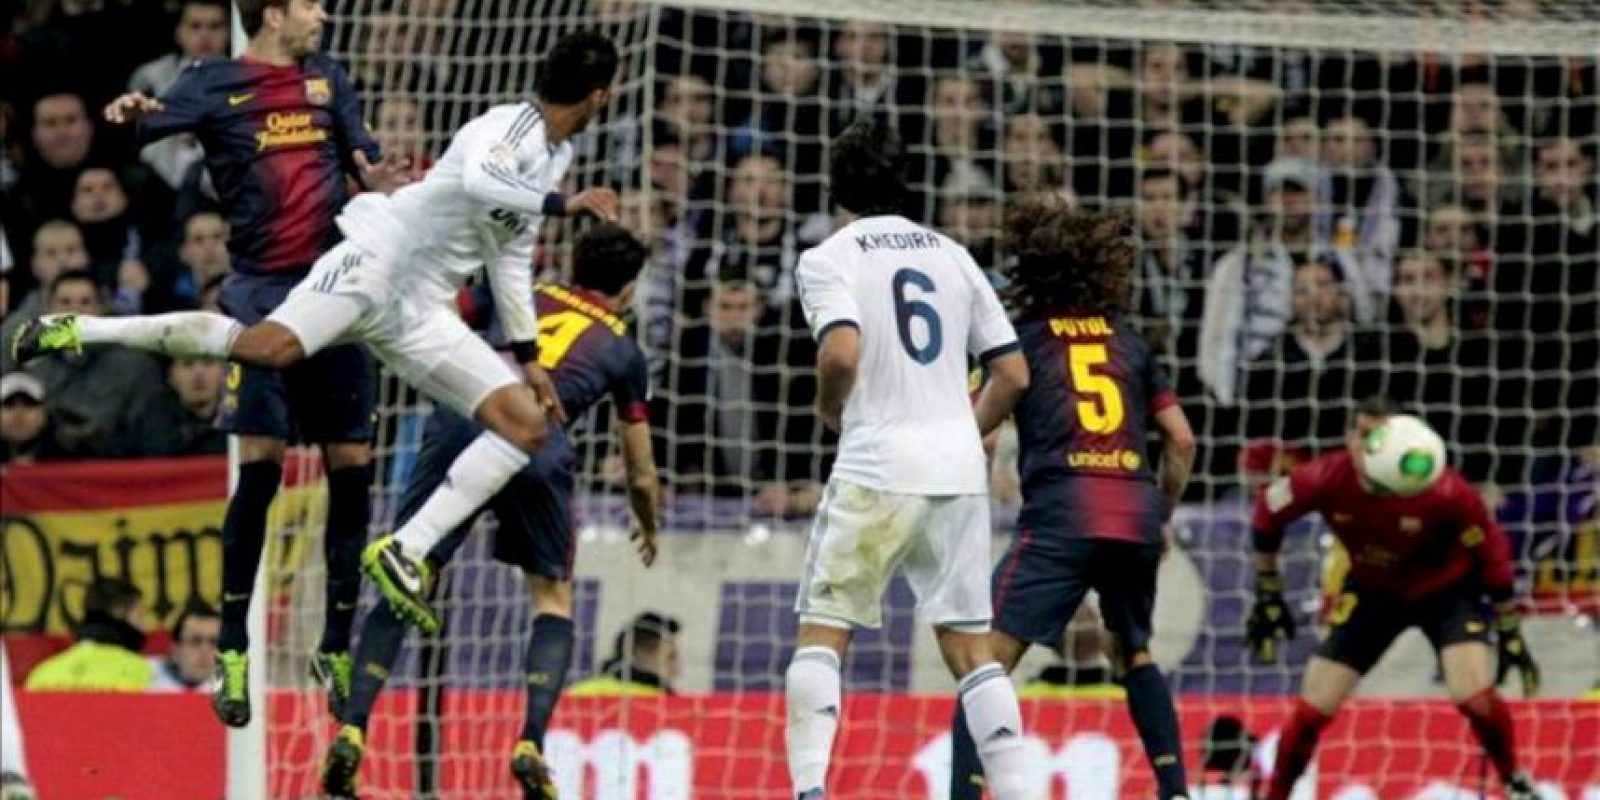 El defensa francés del Real Madrid (2i), Raphael Varane, remata de cabeza ante la defensa del Barcelona, consiguiendo el gol del equipo blanco en el partido de ida de la semifinal de la Copa del Rey de ayer. EFE